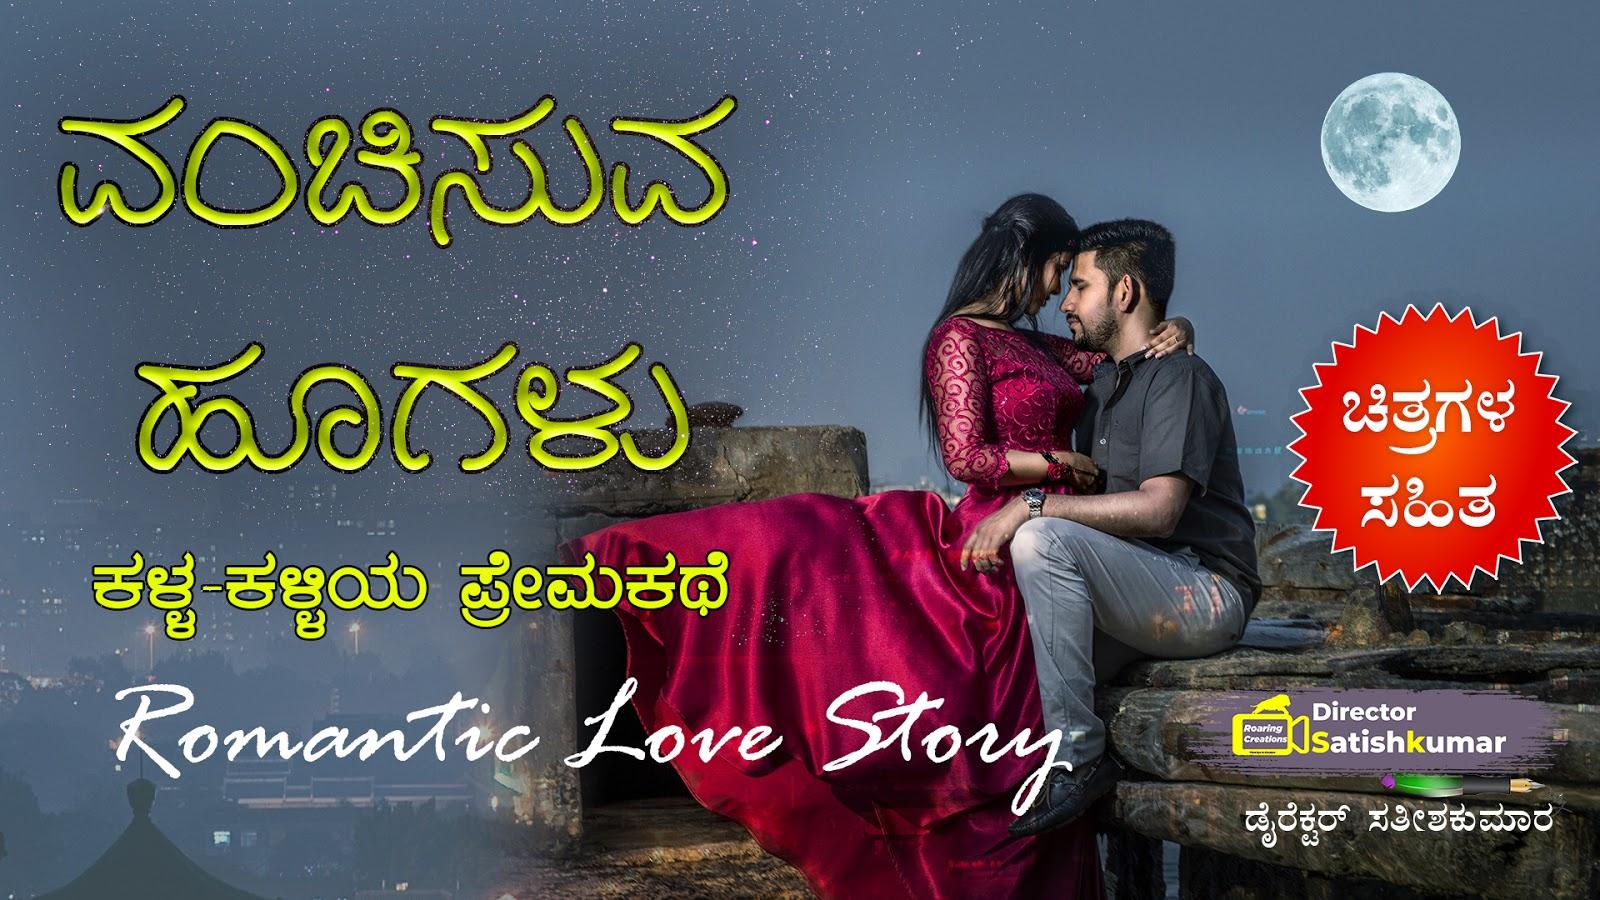 ವಂಚಿಸುವ ಹೂಗಳು : ಕಳ್ಳ-ಕಳ್ಳಿಯ ಪ್ರೇಮಕಥೆ - Kannada Romantic Love Story - ಕನ್ನಡ ಕಥೆ ಪುಸ್ತಕಗಳು - Kannada Story Books -  E Books Kannada - Kannada Books